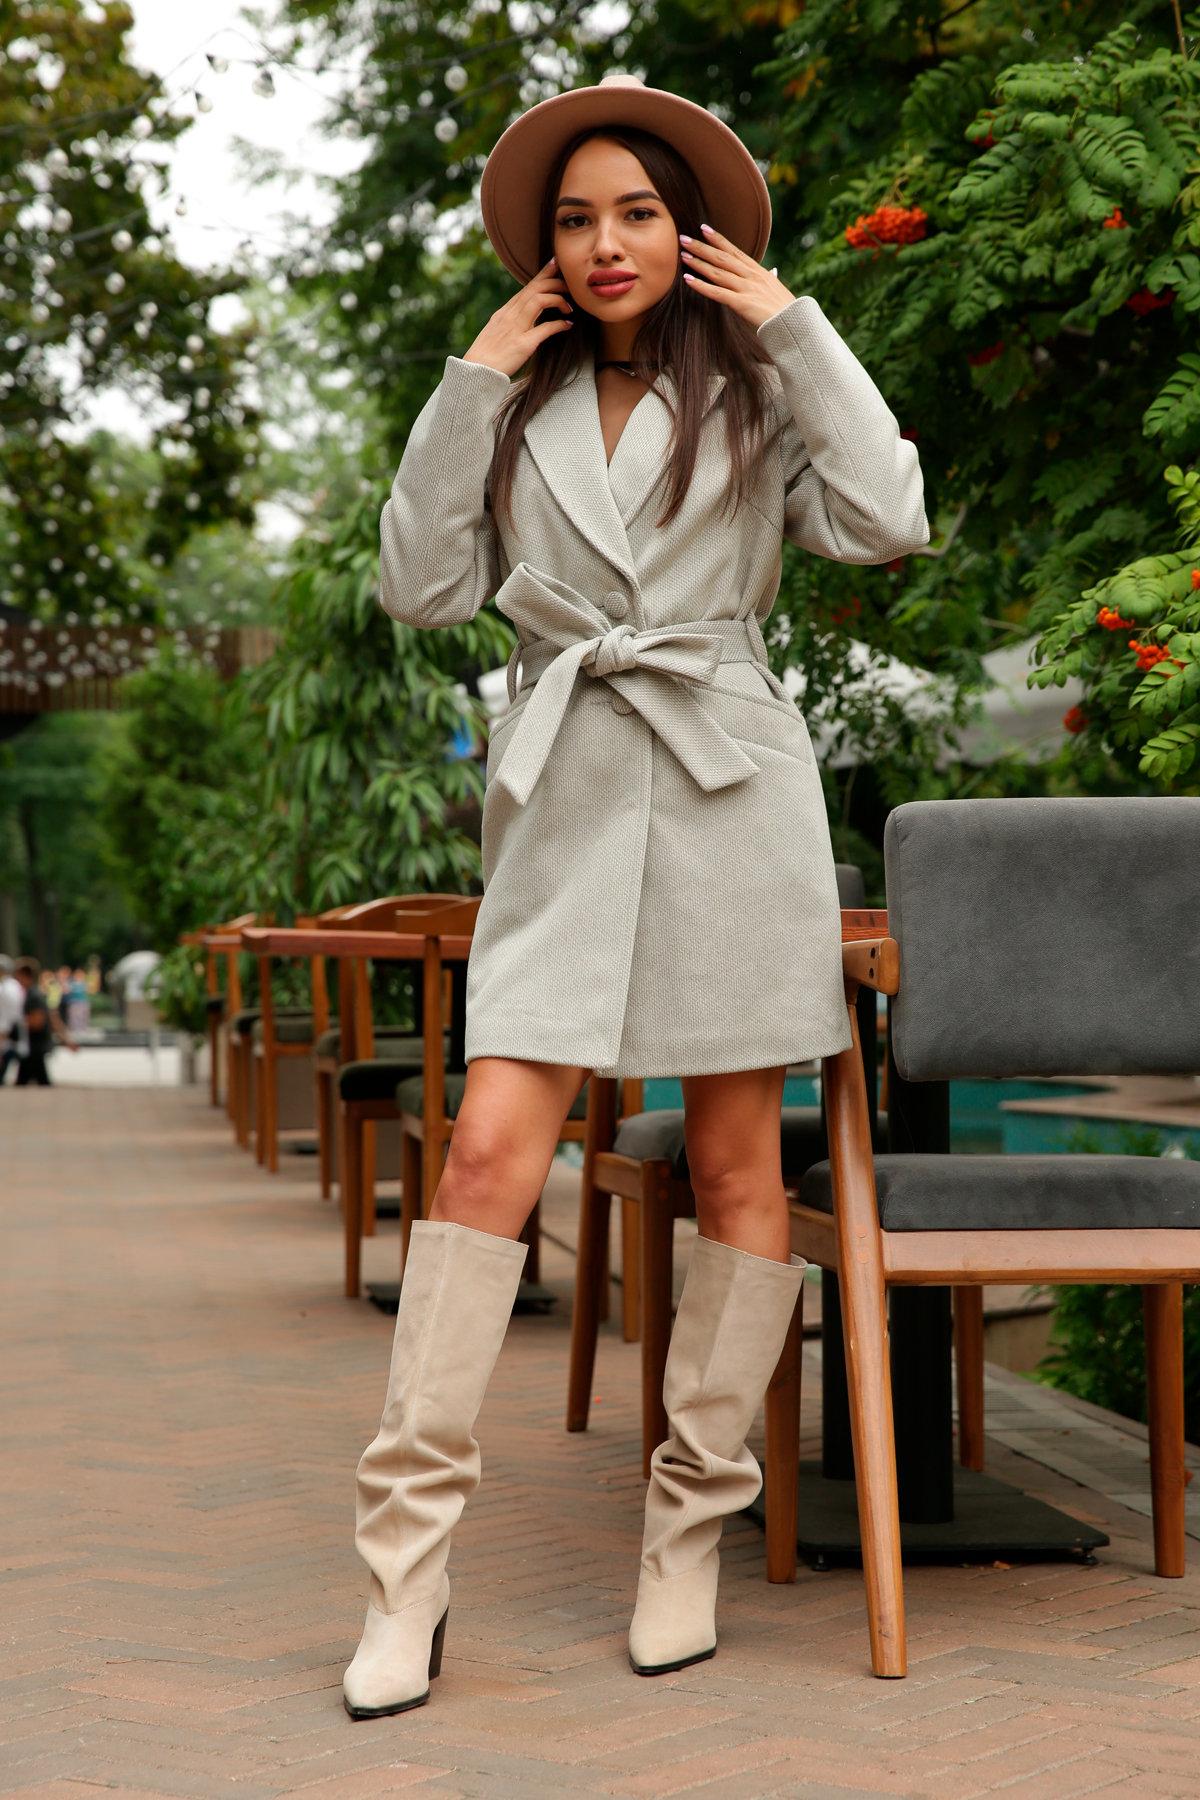 Кашемировое пальто Вейсона 8803 АРТ. 45175 Цвет: Олива - фото 5, интернет магазин tm-modus.ru